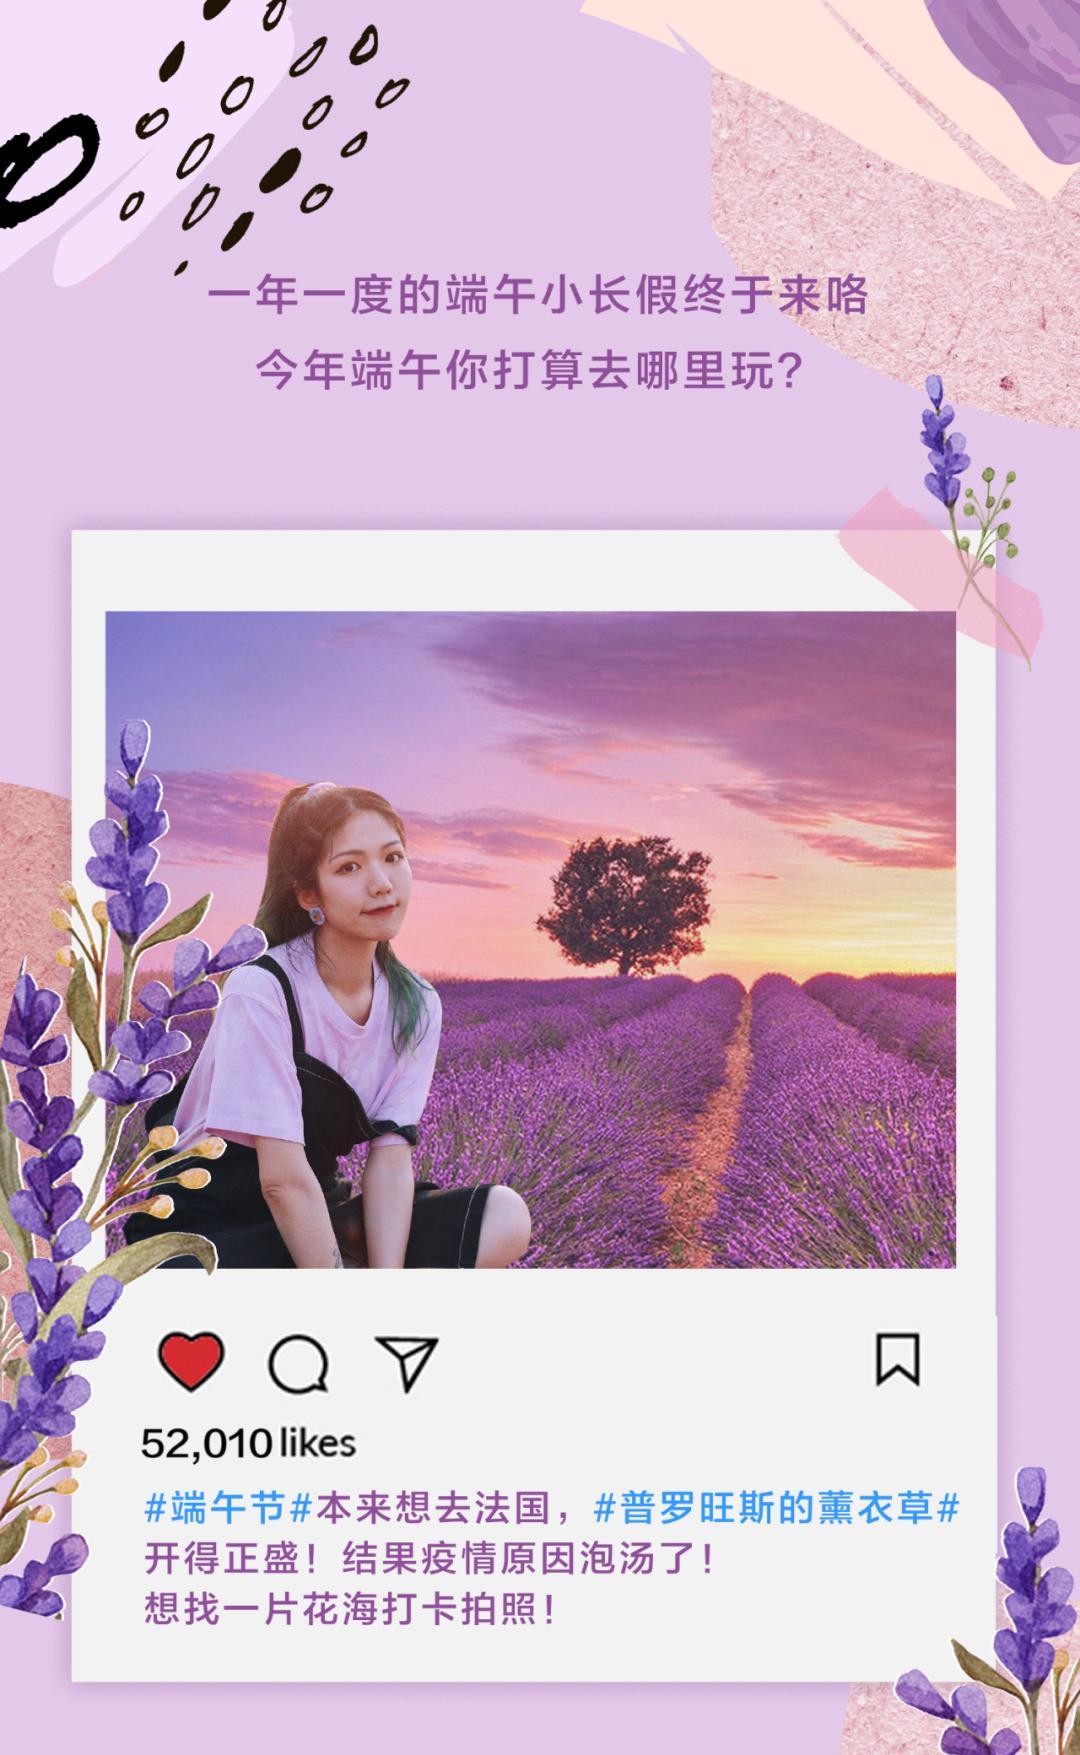 杭州の小普罗旺斯,隐藏在市区里的2000㎡超大紫色花海!小长假必去的打卡圣地!(图2)